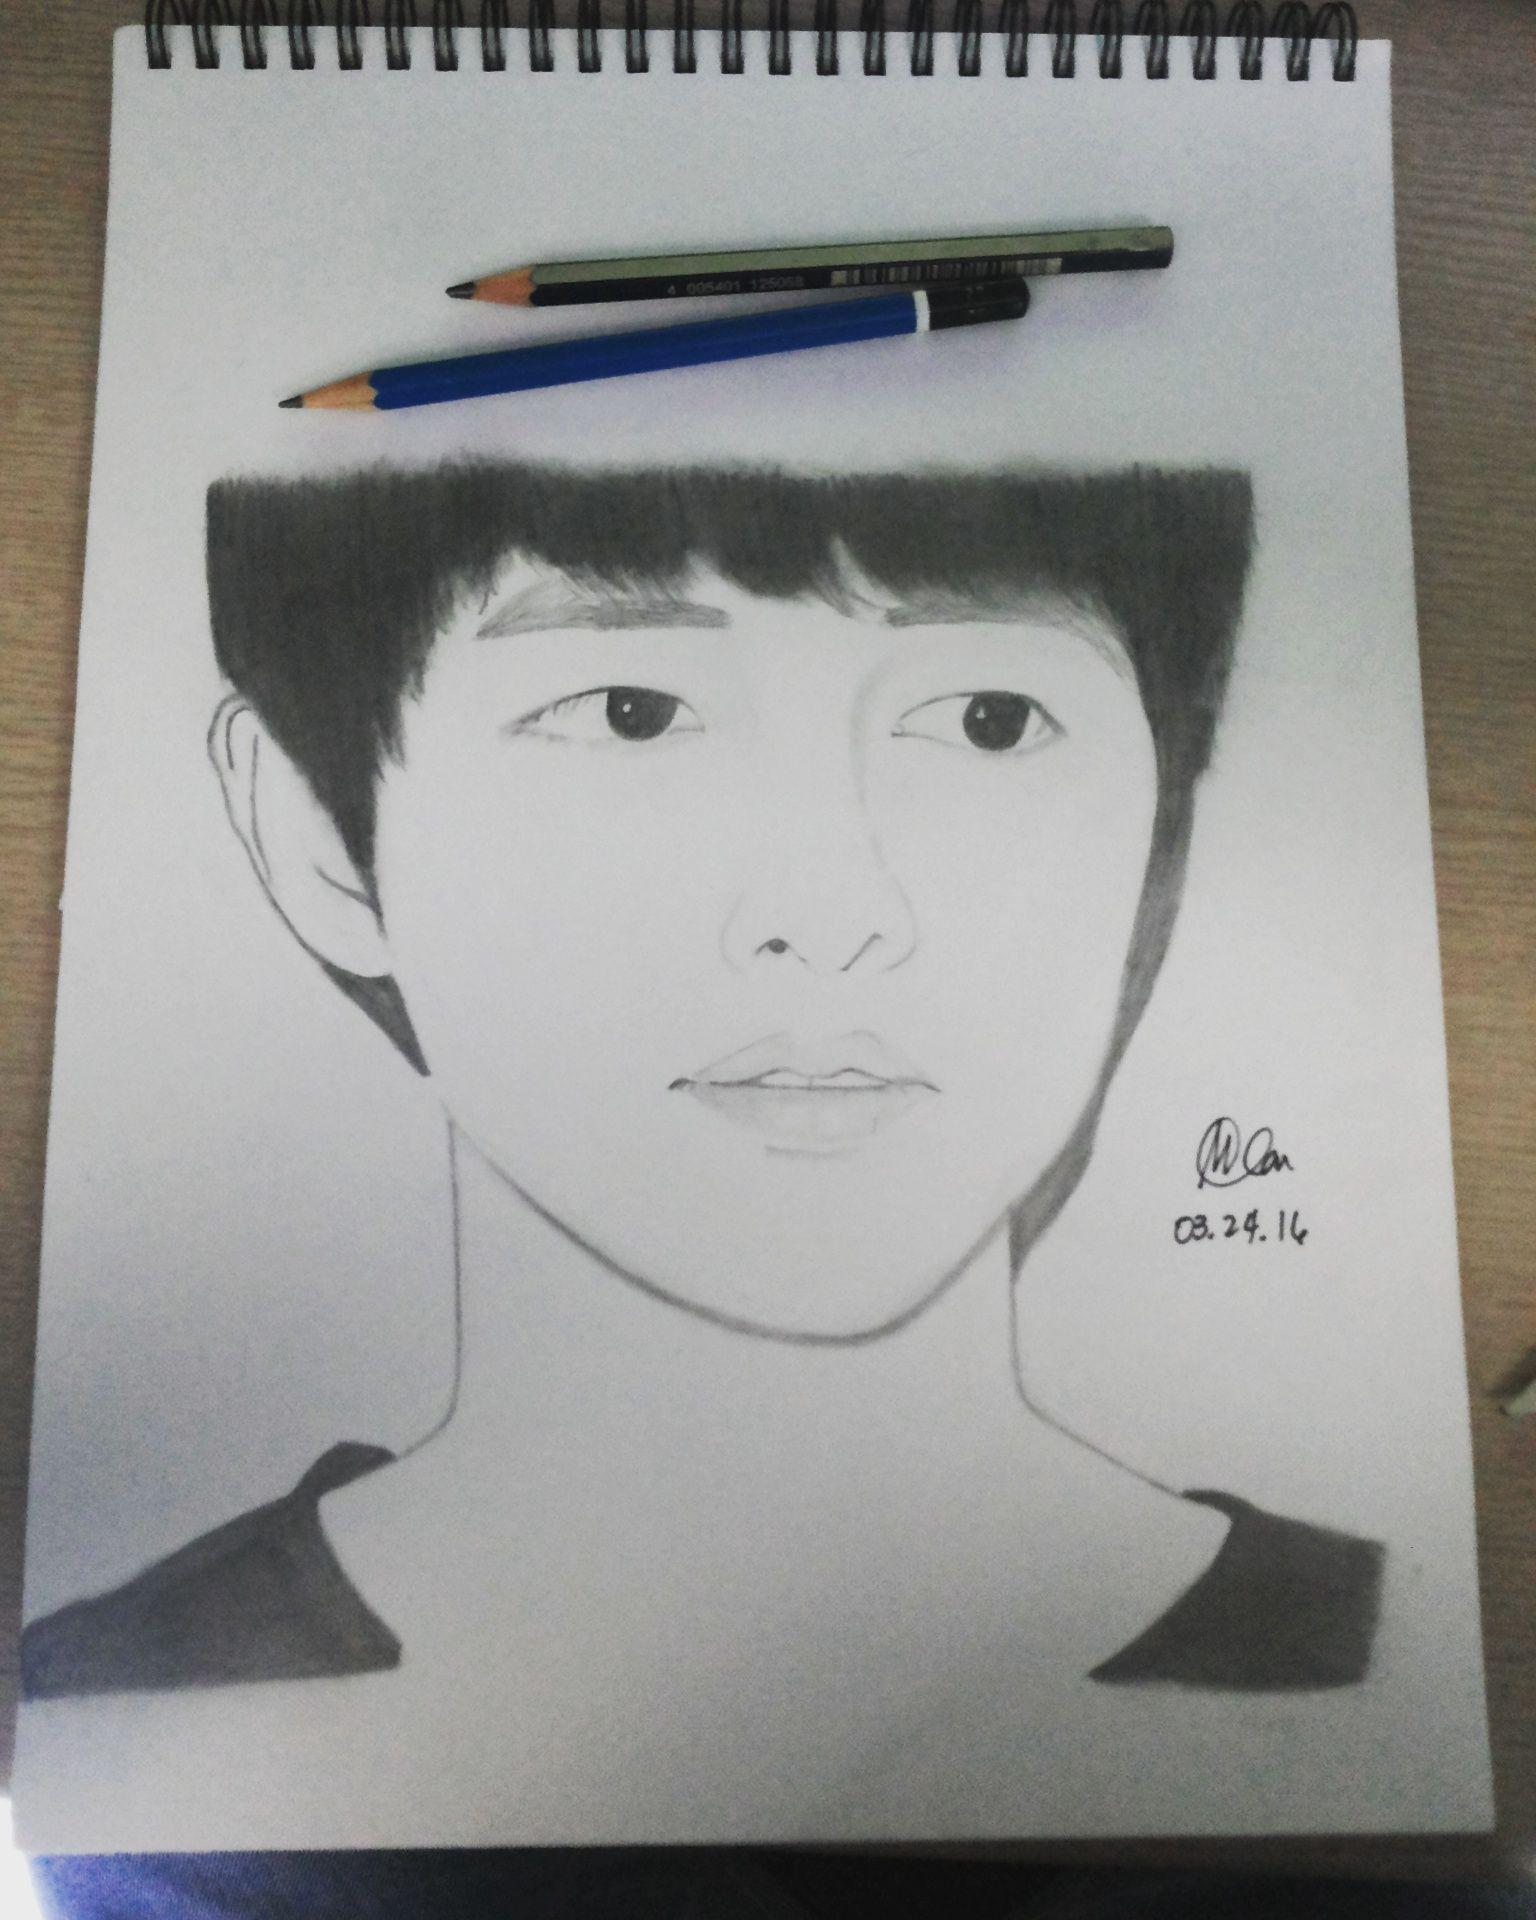 Song Joong Ki | My drawings, Sketches, Drawings